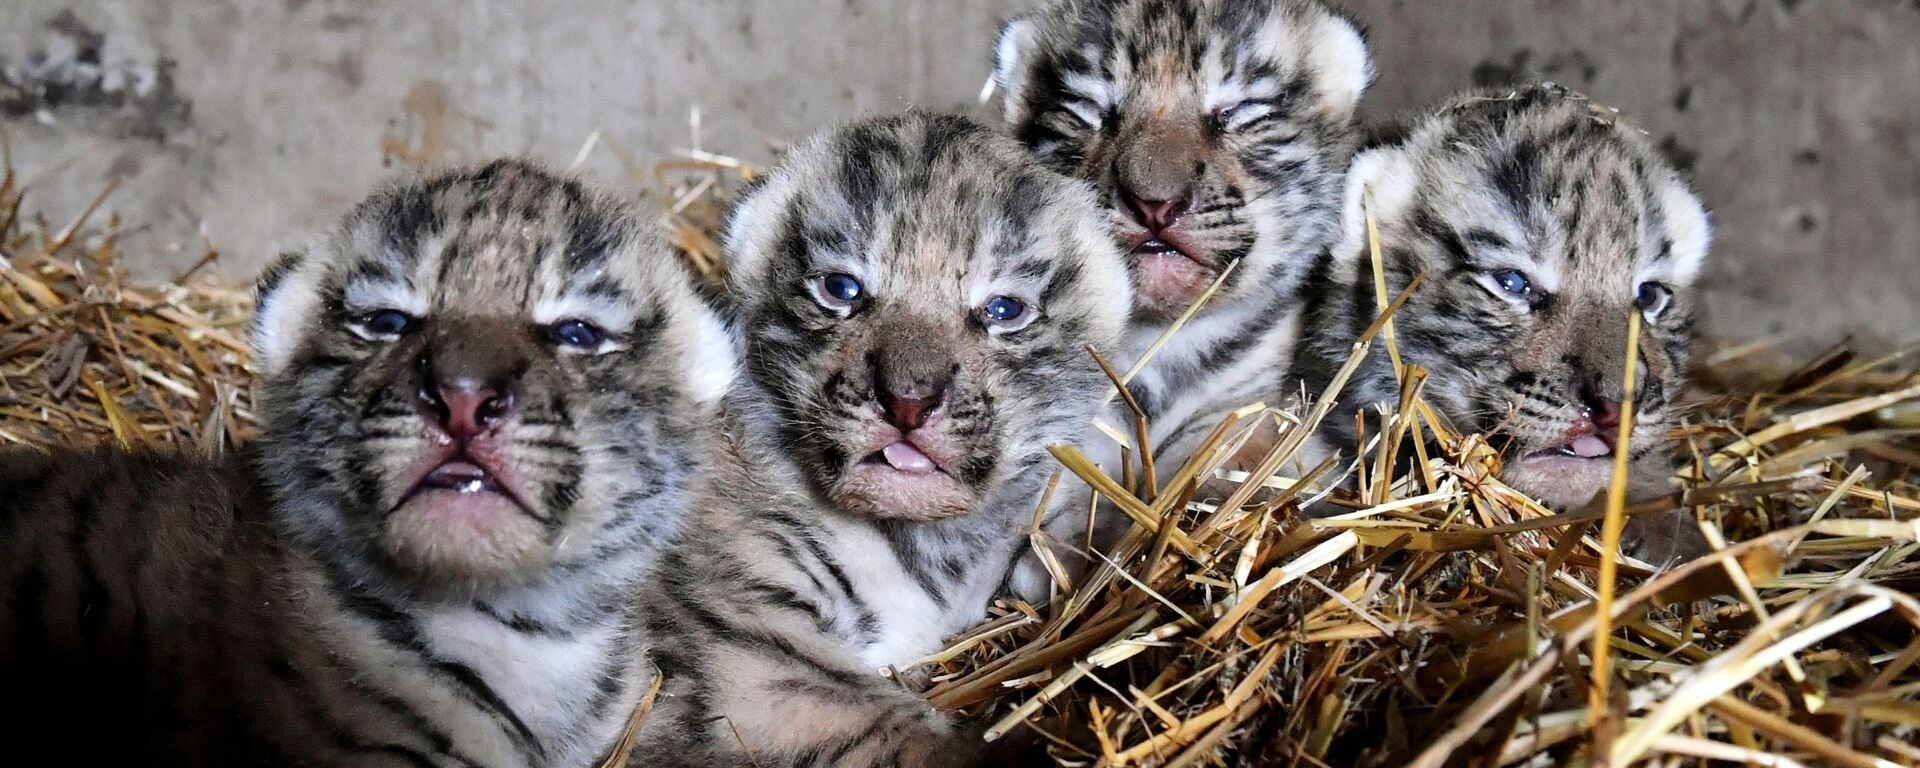 I cuccioli di tigre dell'Amur appena nati al safari park di Taigan, Crimea - Sputnik Italia, 1920, 06.06.2020